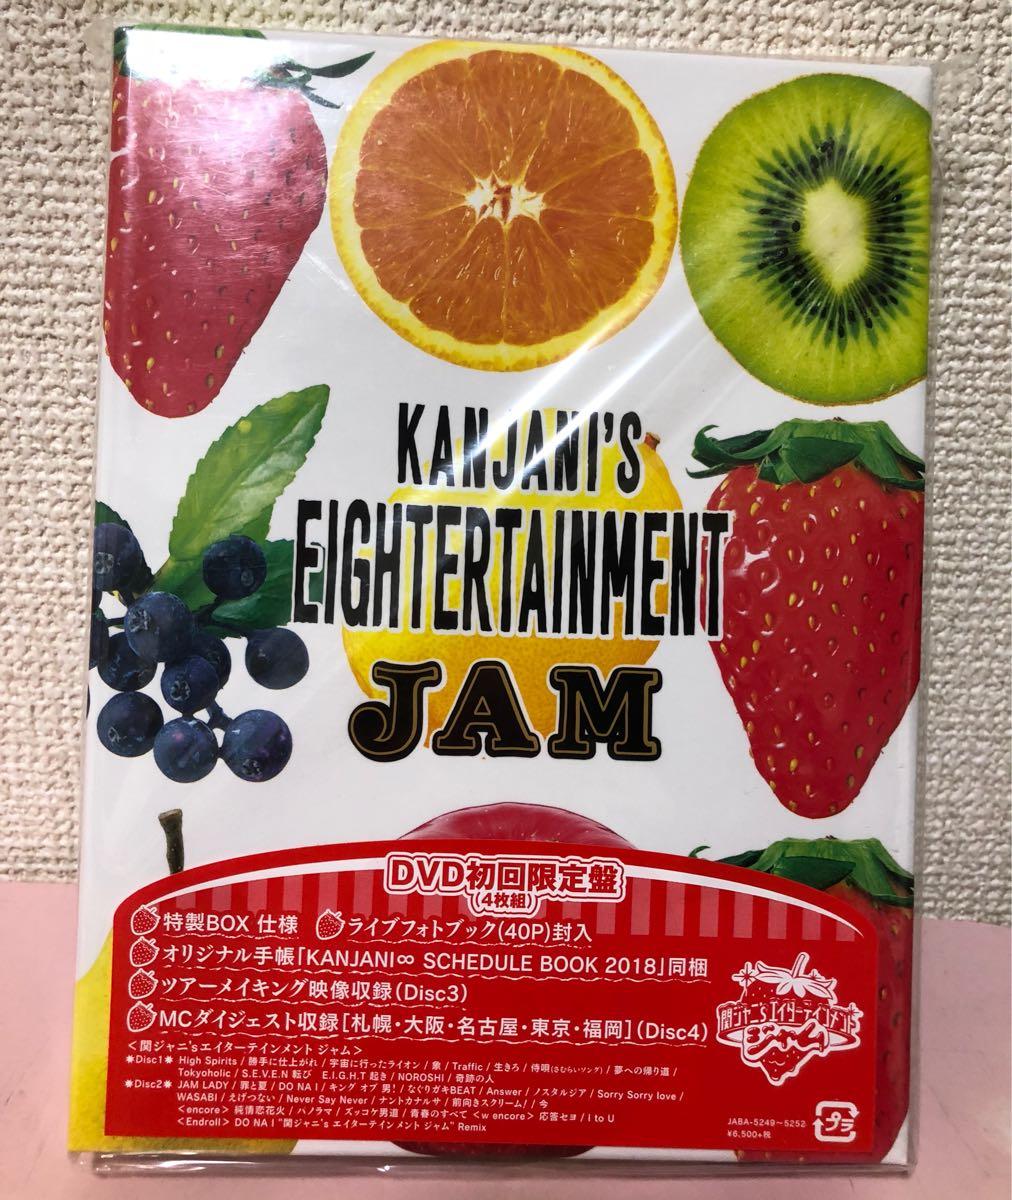 新品未開封 関ジャニ's エンターテインメント ジャム DVD 初回限定盤 ◆ JAM 関ジャニ∞ 手帳付き